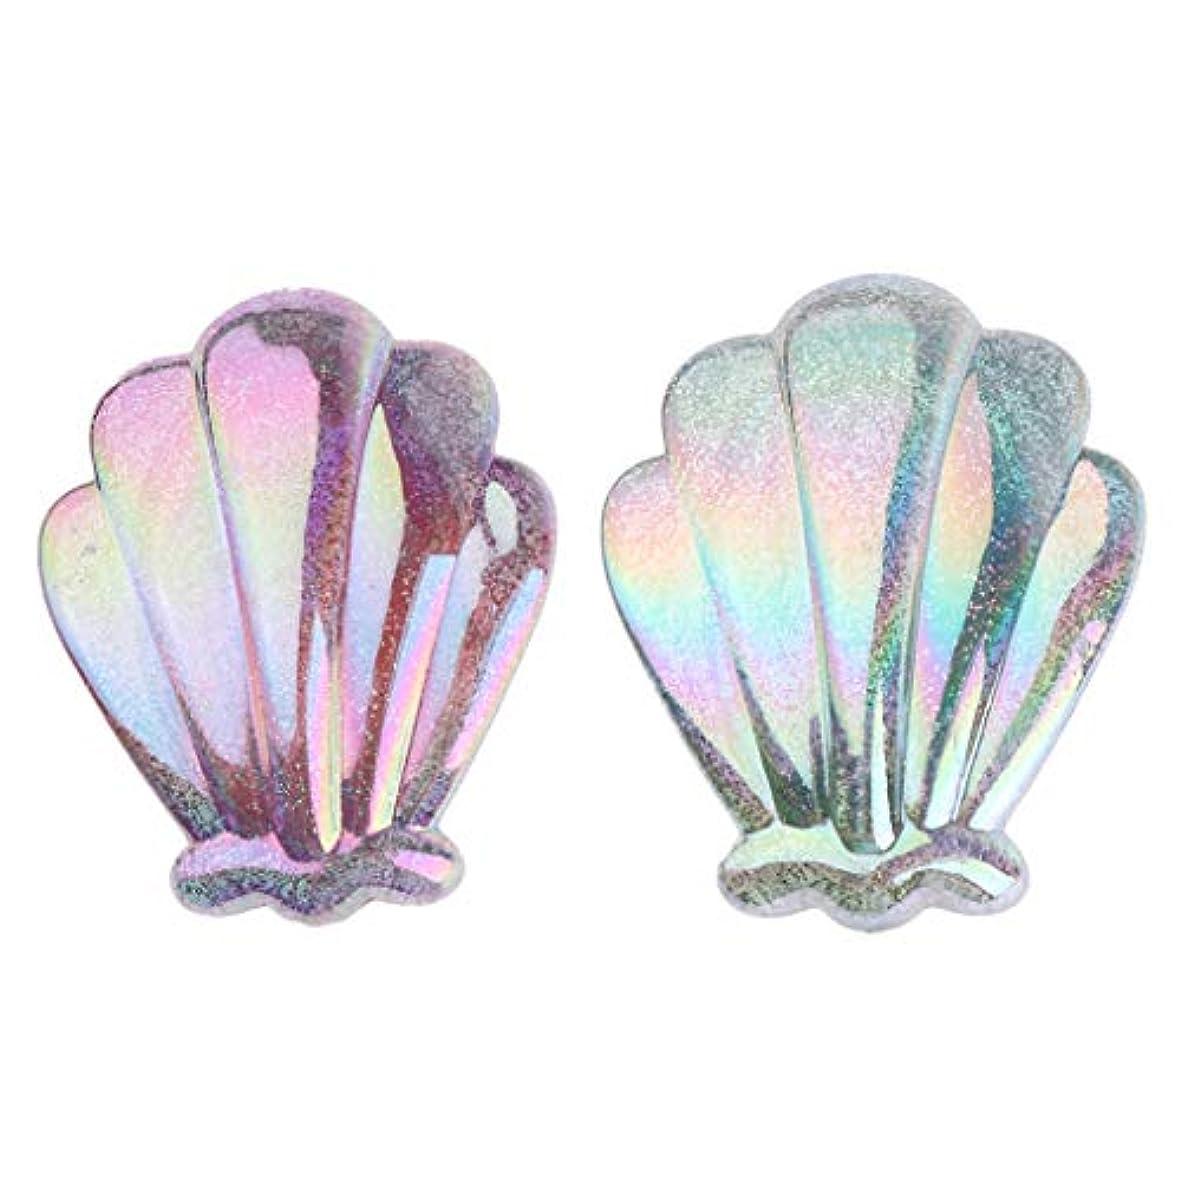 発信アブストラクトパイロットB Blesiya ヘアコーム プラスチック製 櫛 女性用 ヘアブラシ コーム 櫛